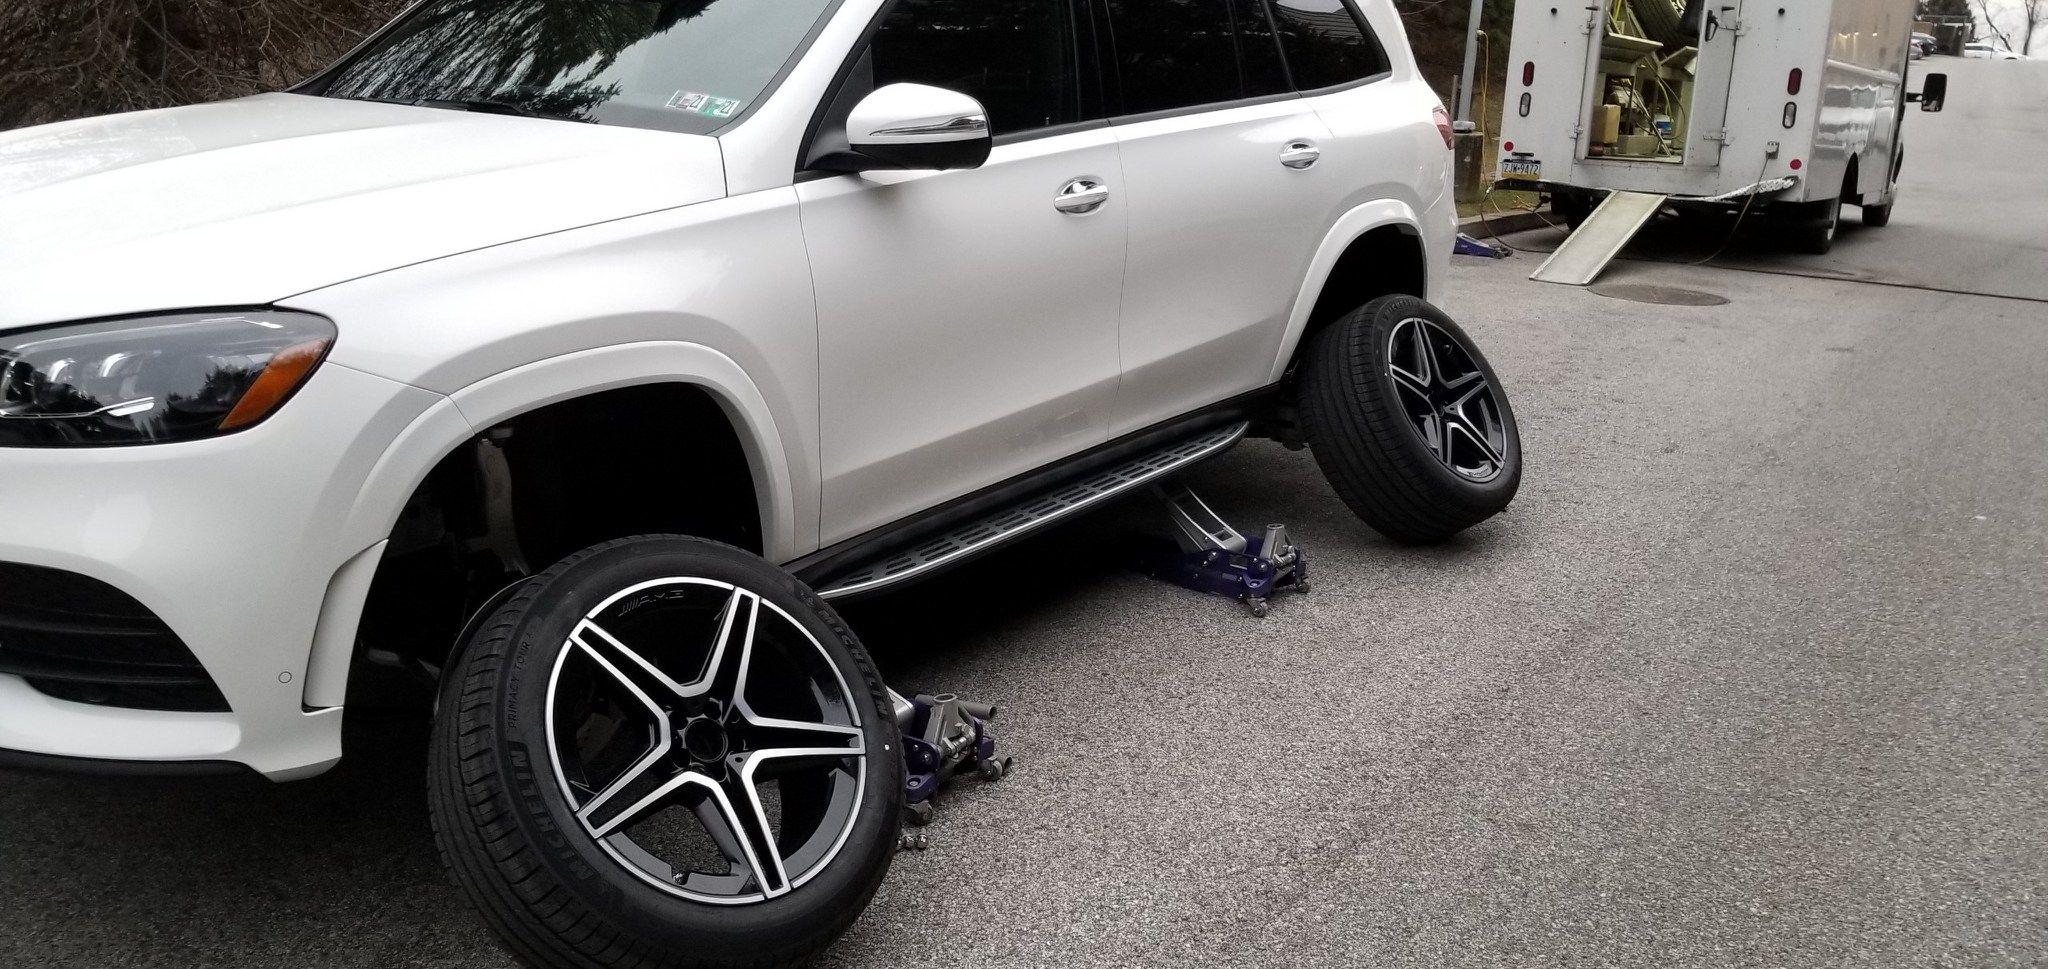 Onsite Wheel Repair by LNT Service in 2020   Wheel repair ...